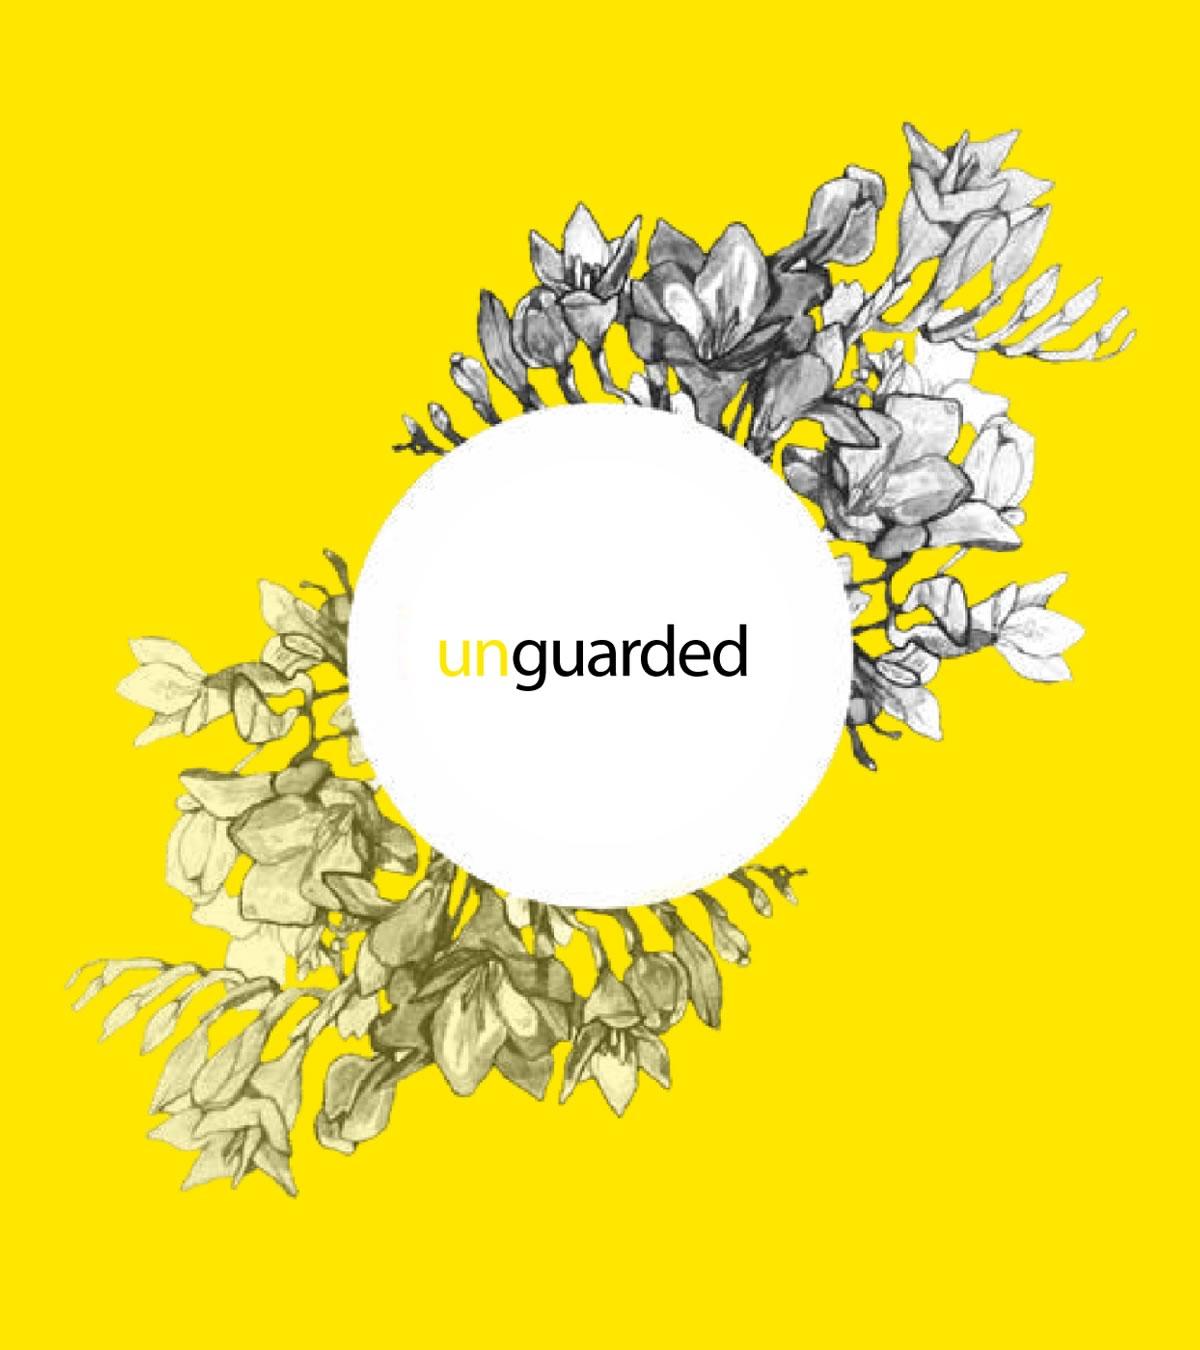 unguarded logo